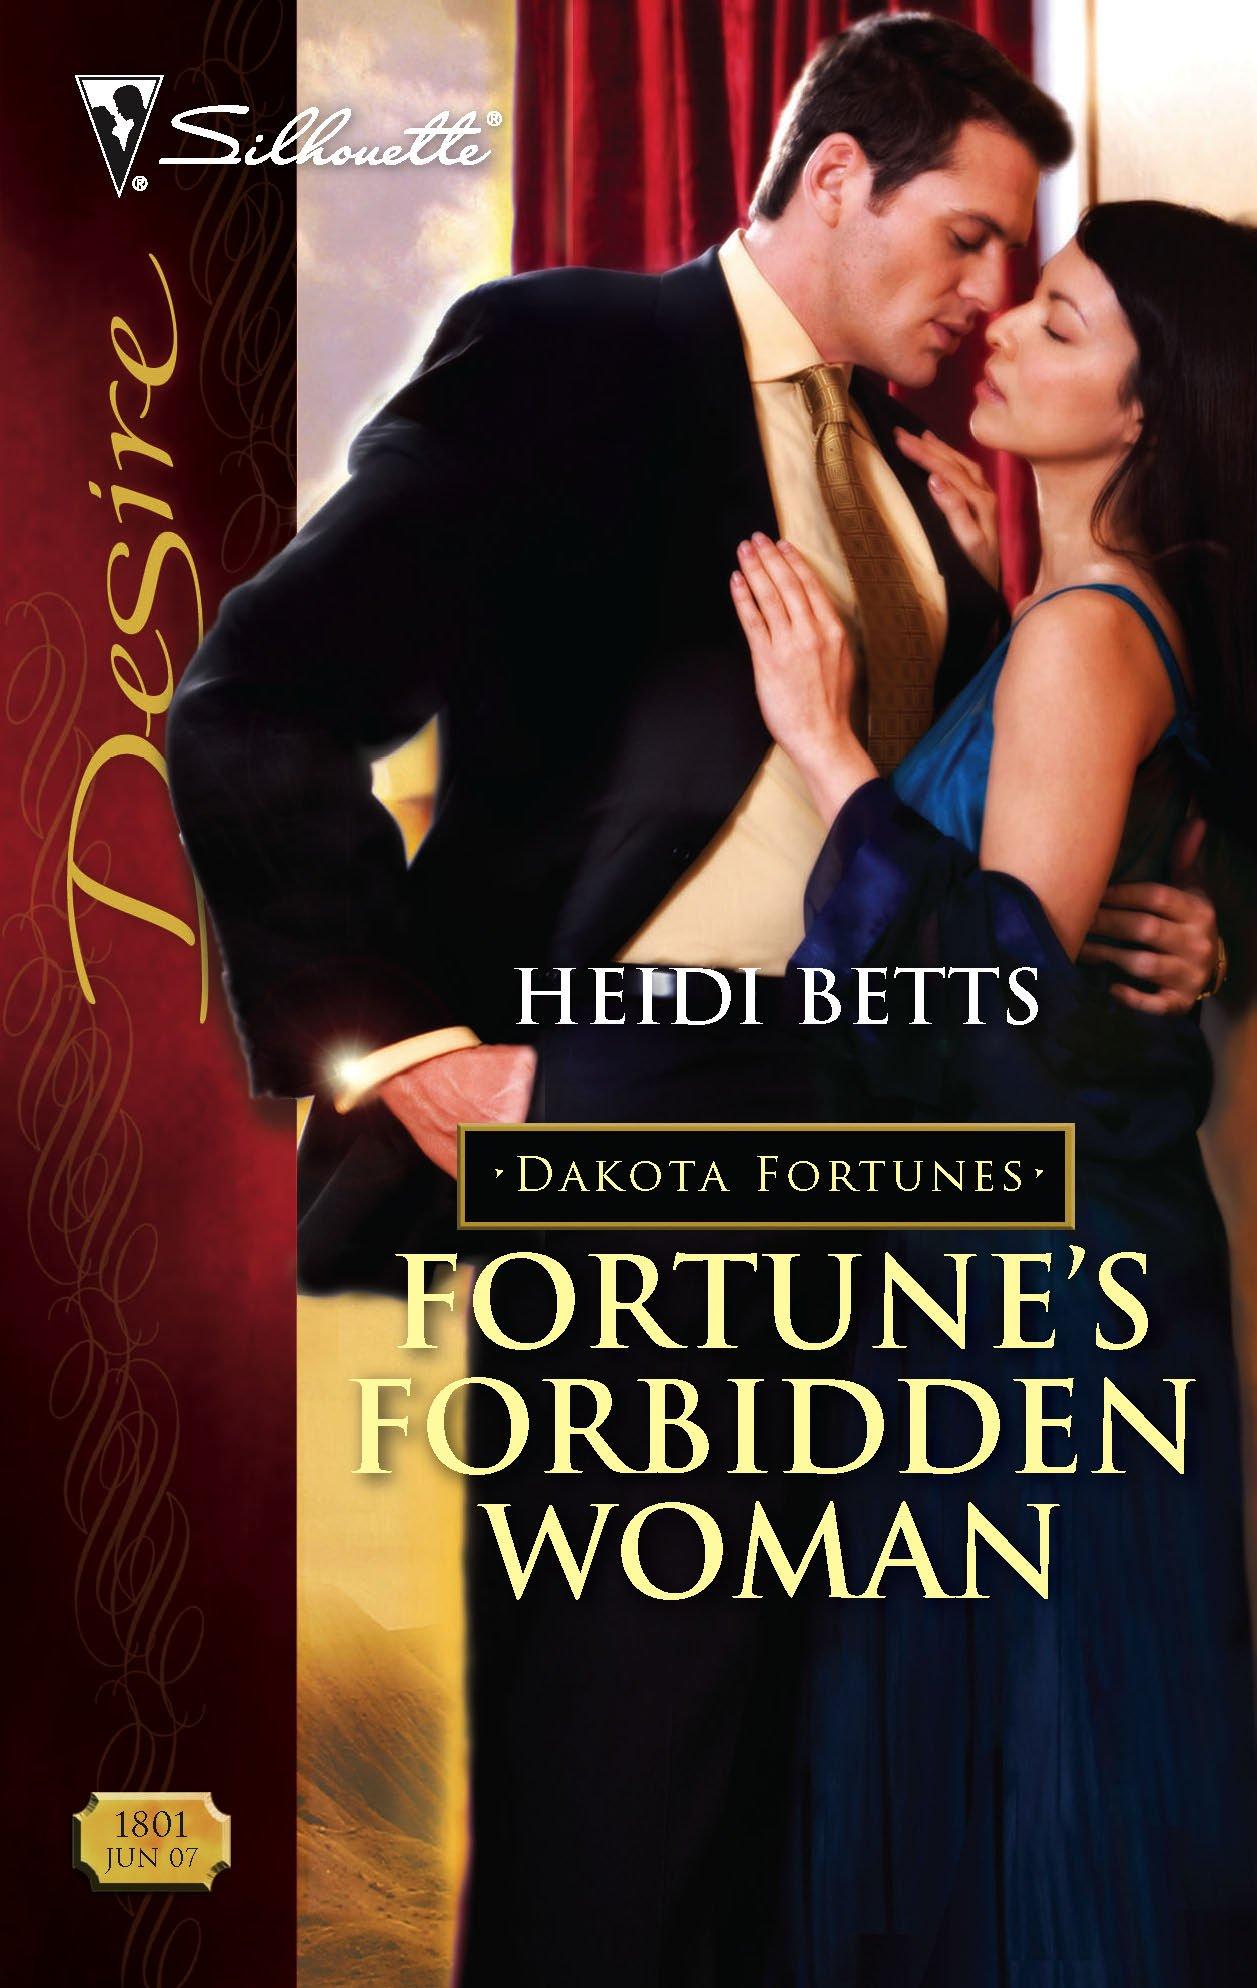 Fortune's Forbidden Woman (Silhouette Desire) (The Dakota Fortunes #6) pdf epub